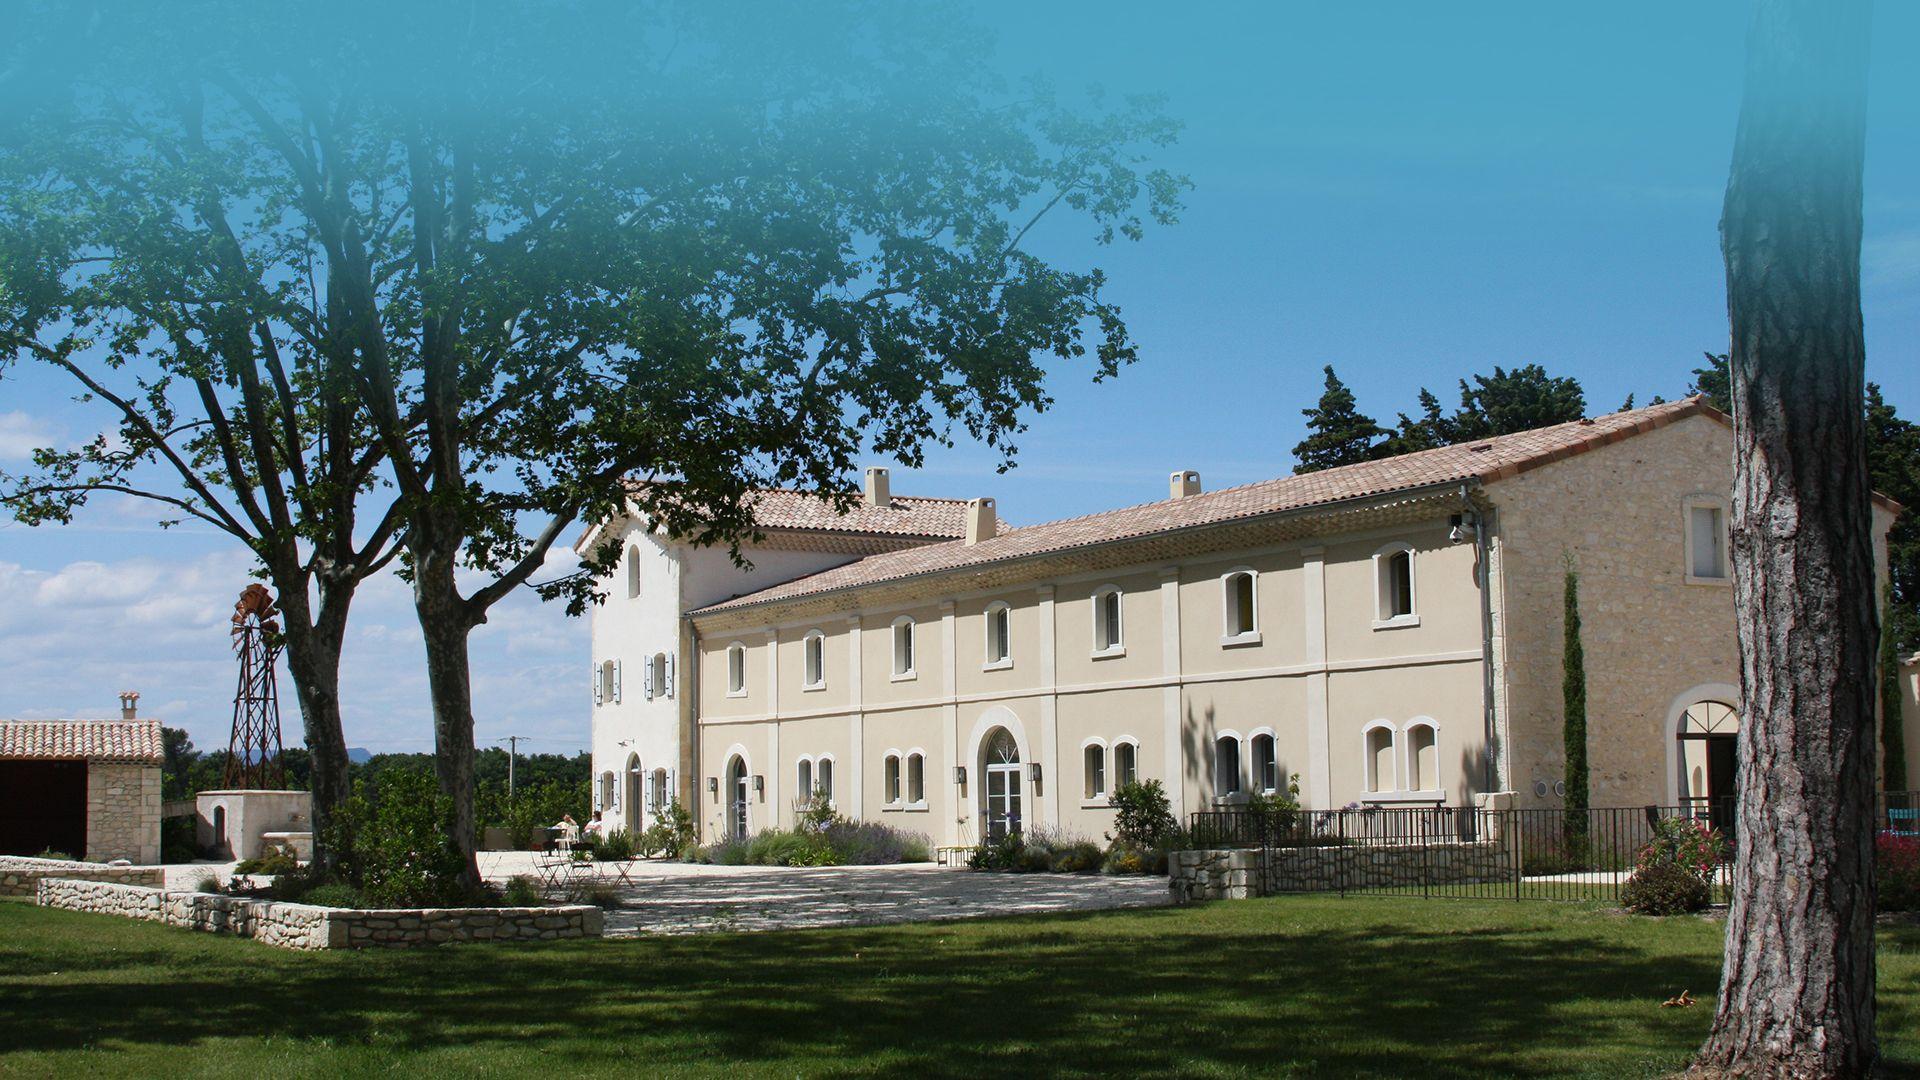 Domaine Les Thermes de Bondonneau Location de Gites et Chambres